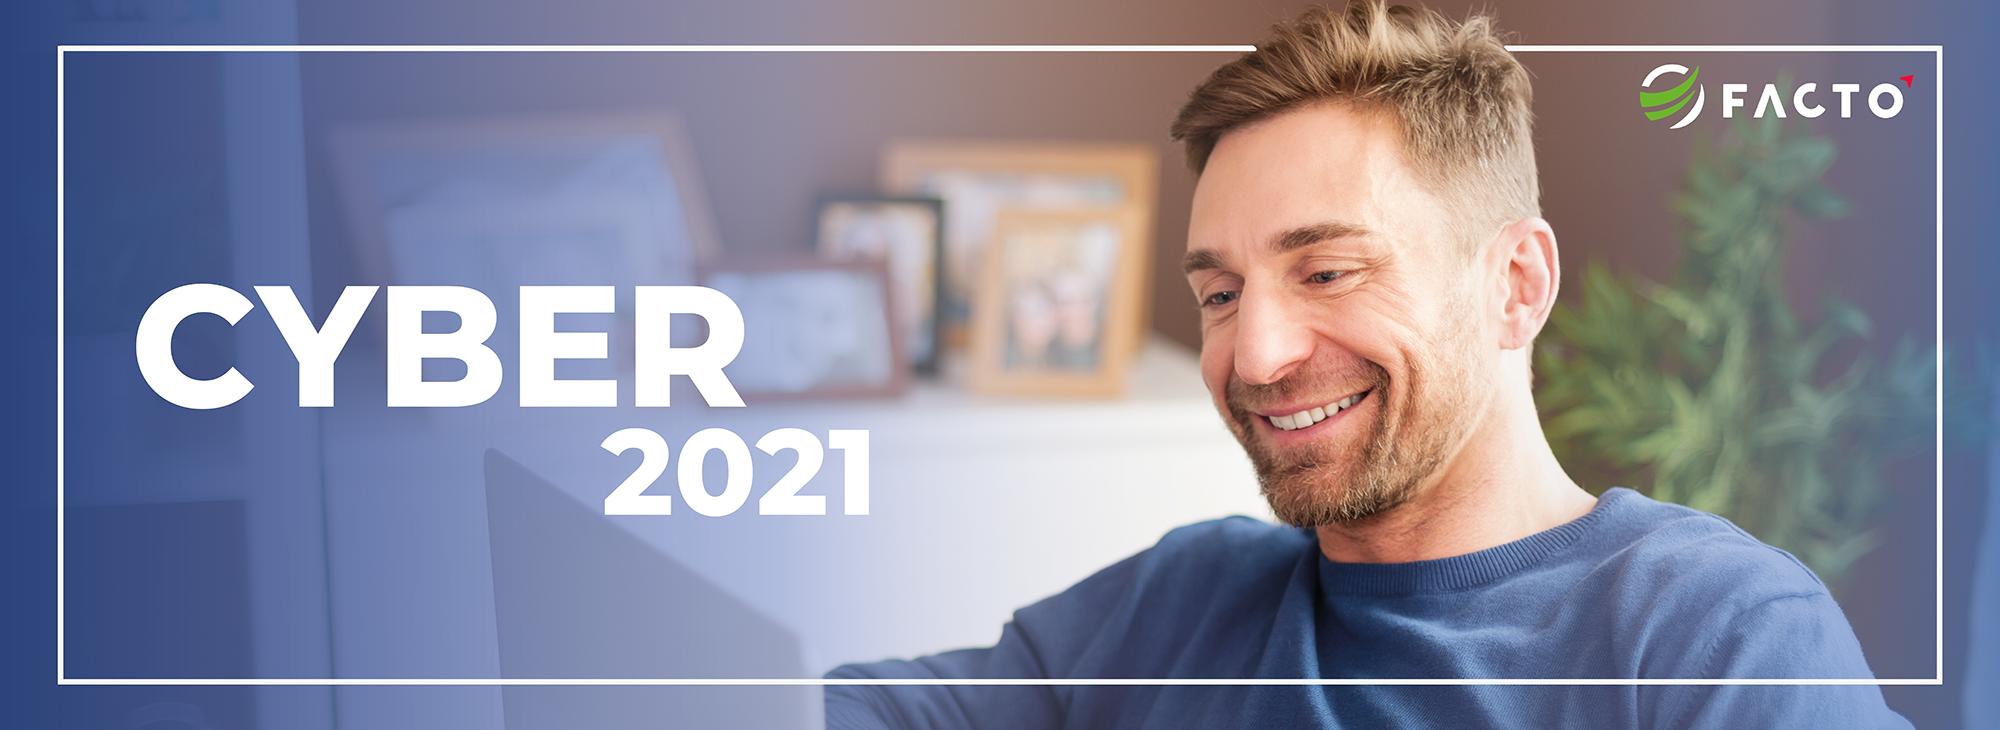 FACTO te acompaña en el CyberDay 2021